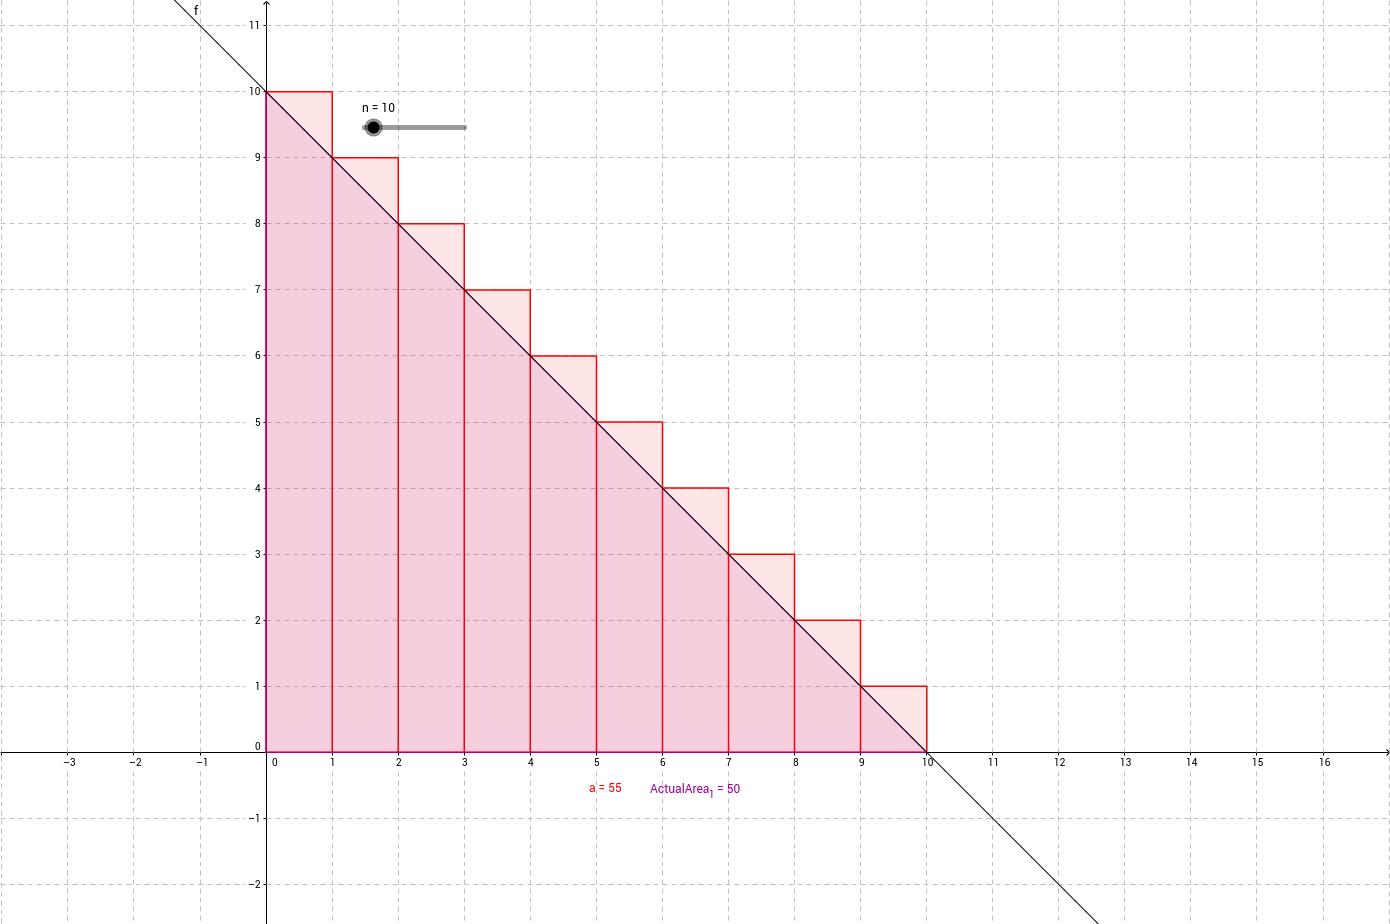 区分求積法・一次関数